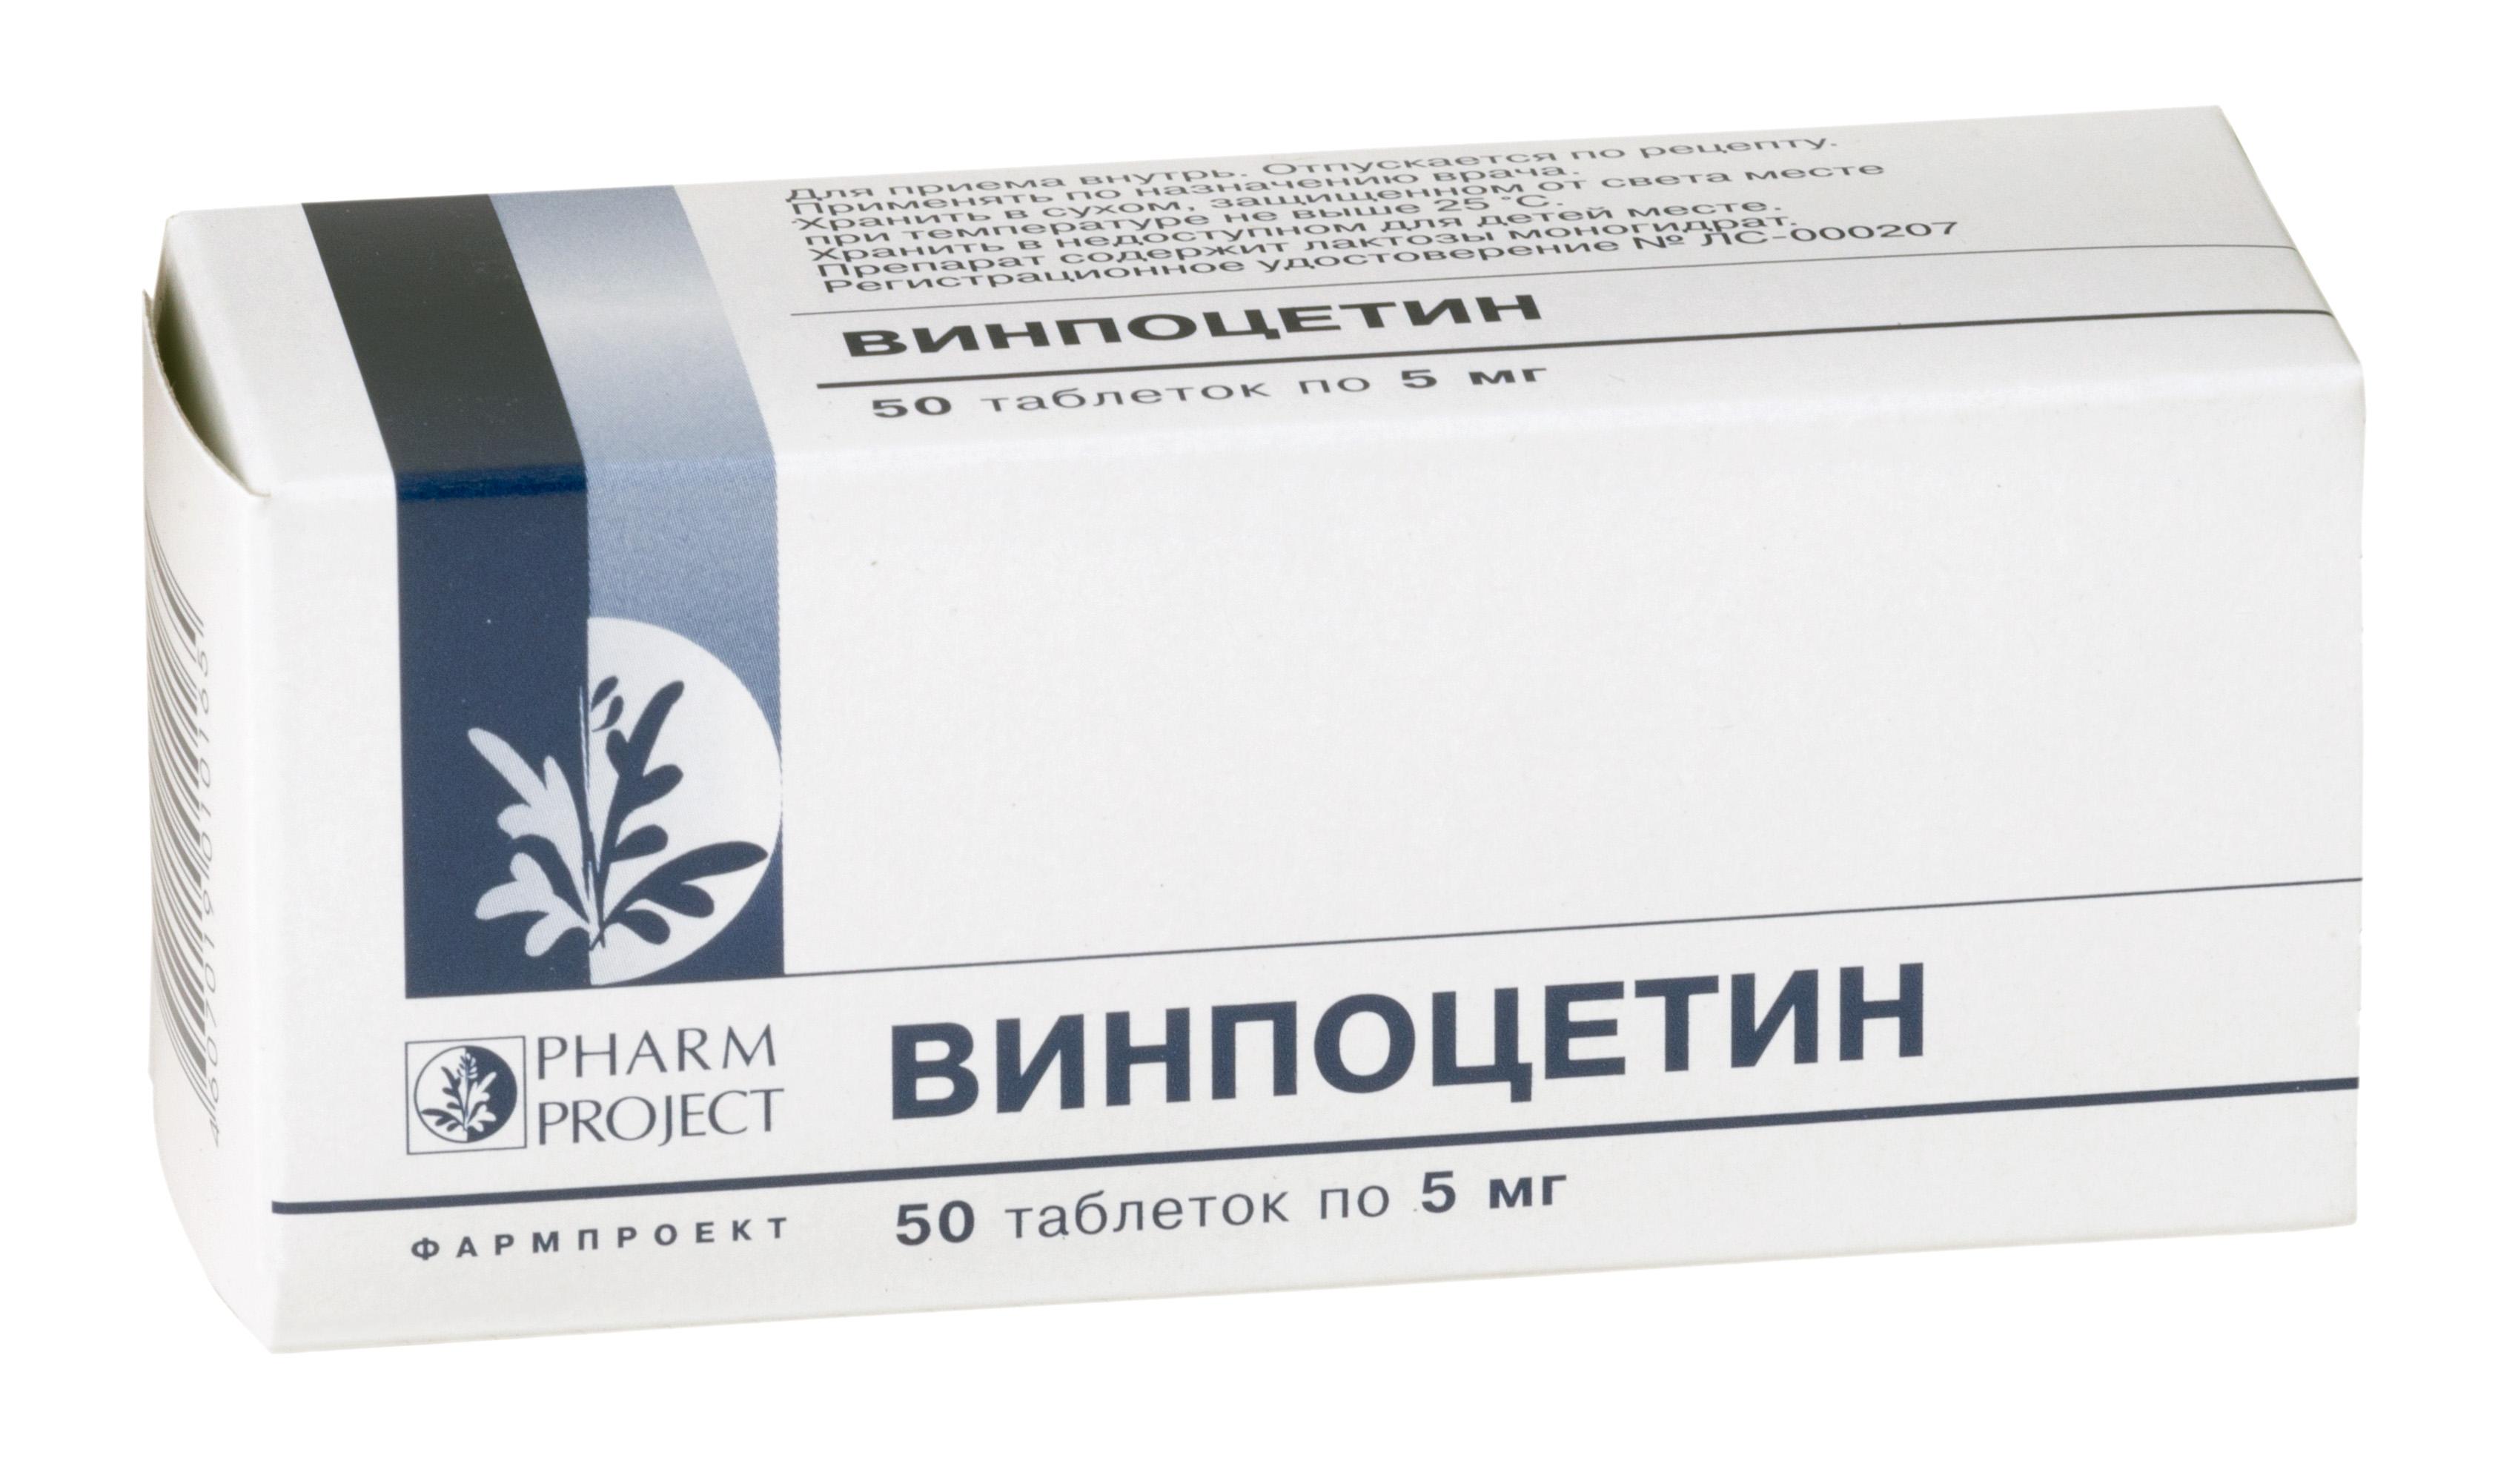 Винпоцетин таблетки 5мг №50 Фармпроект